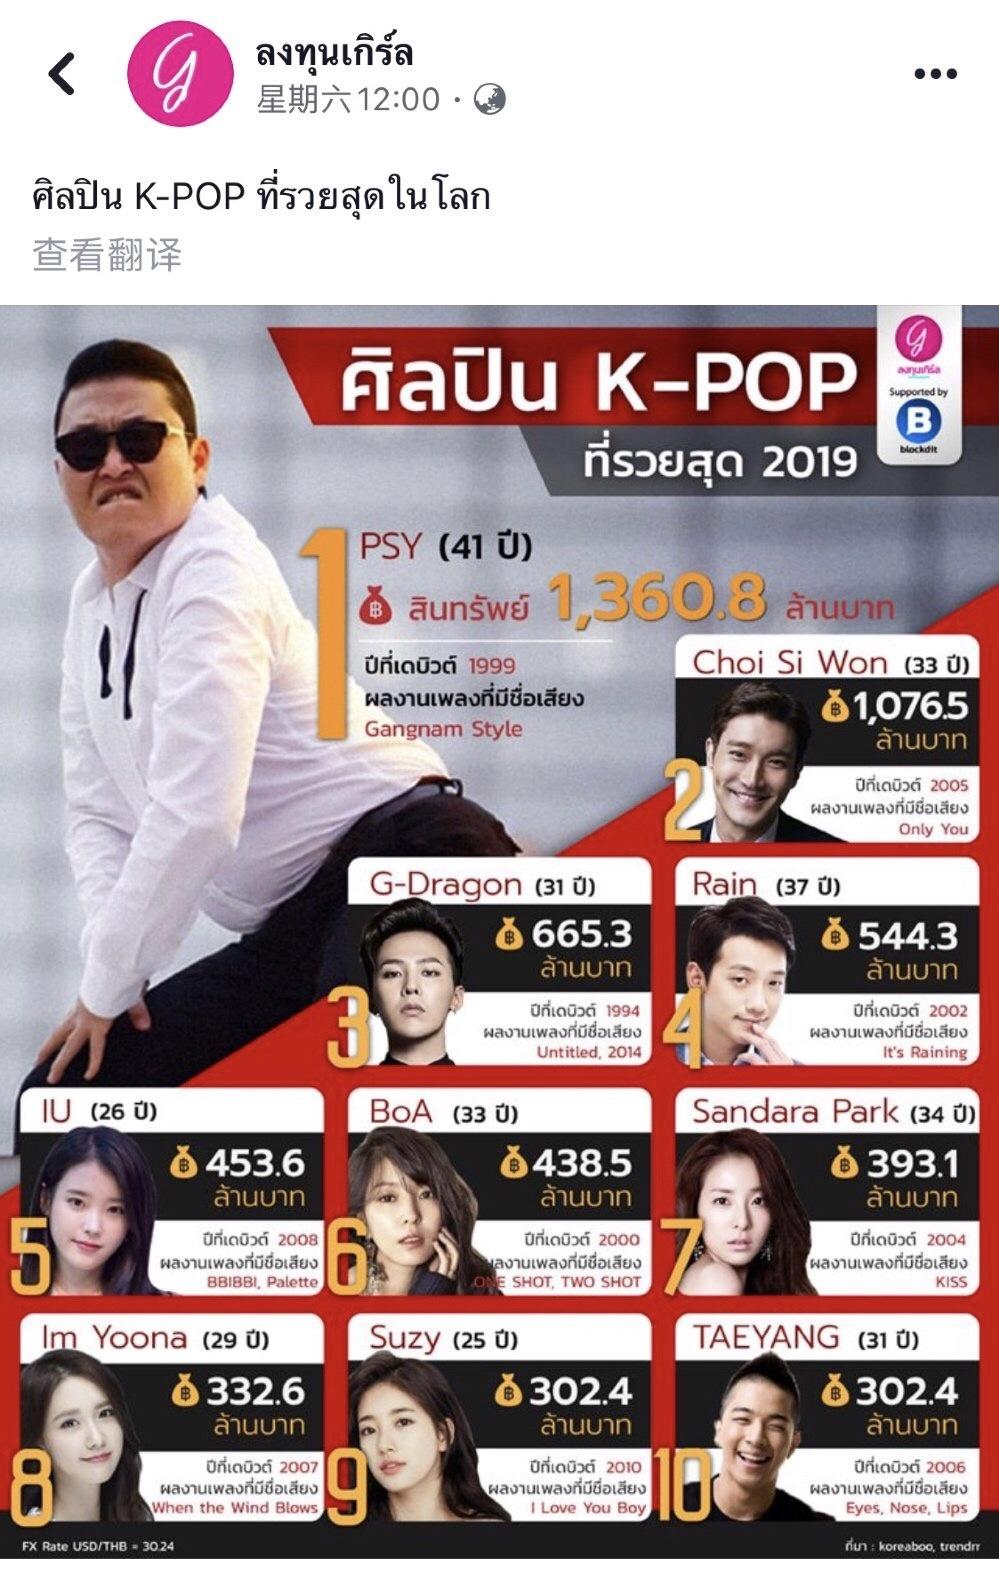 2019全球最富有K-POP明星榜第二 ,资产十亿七千六百五十万泰铢